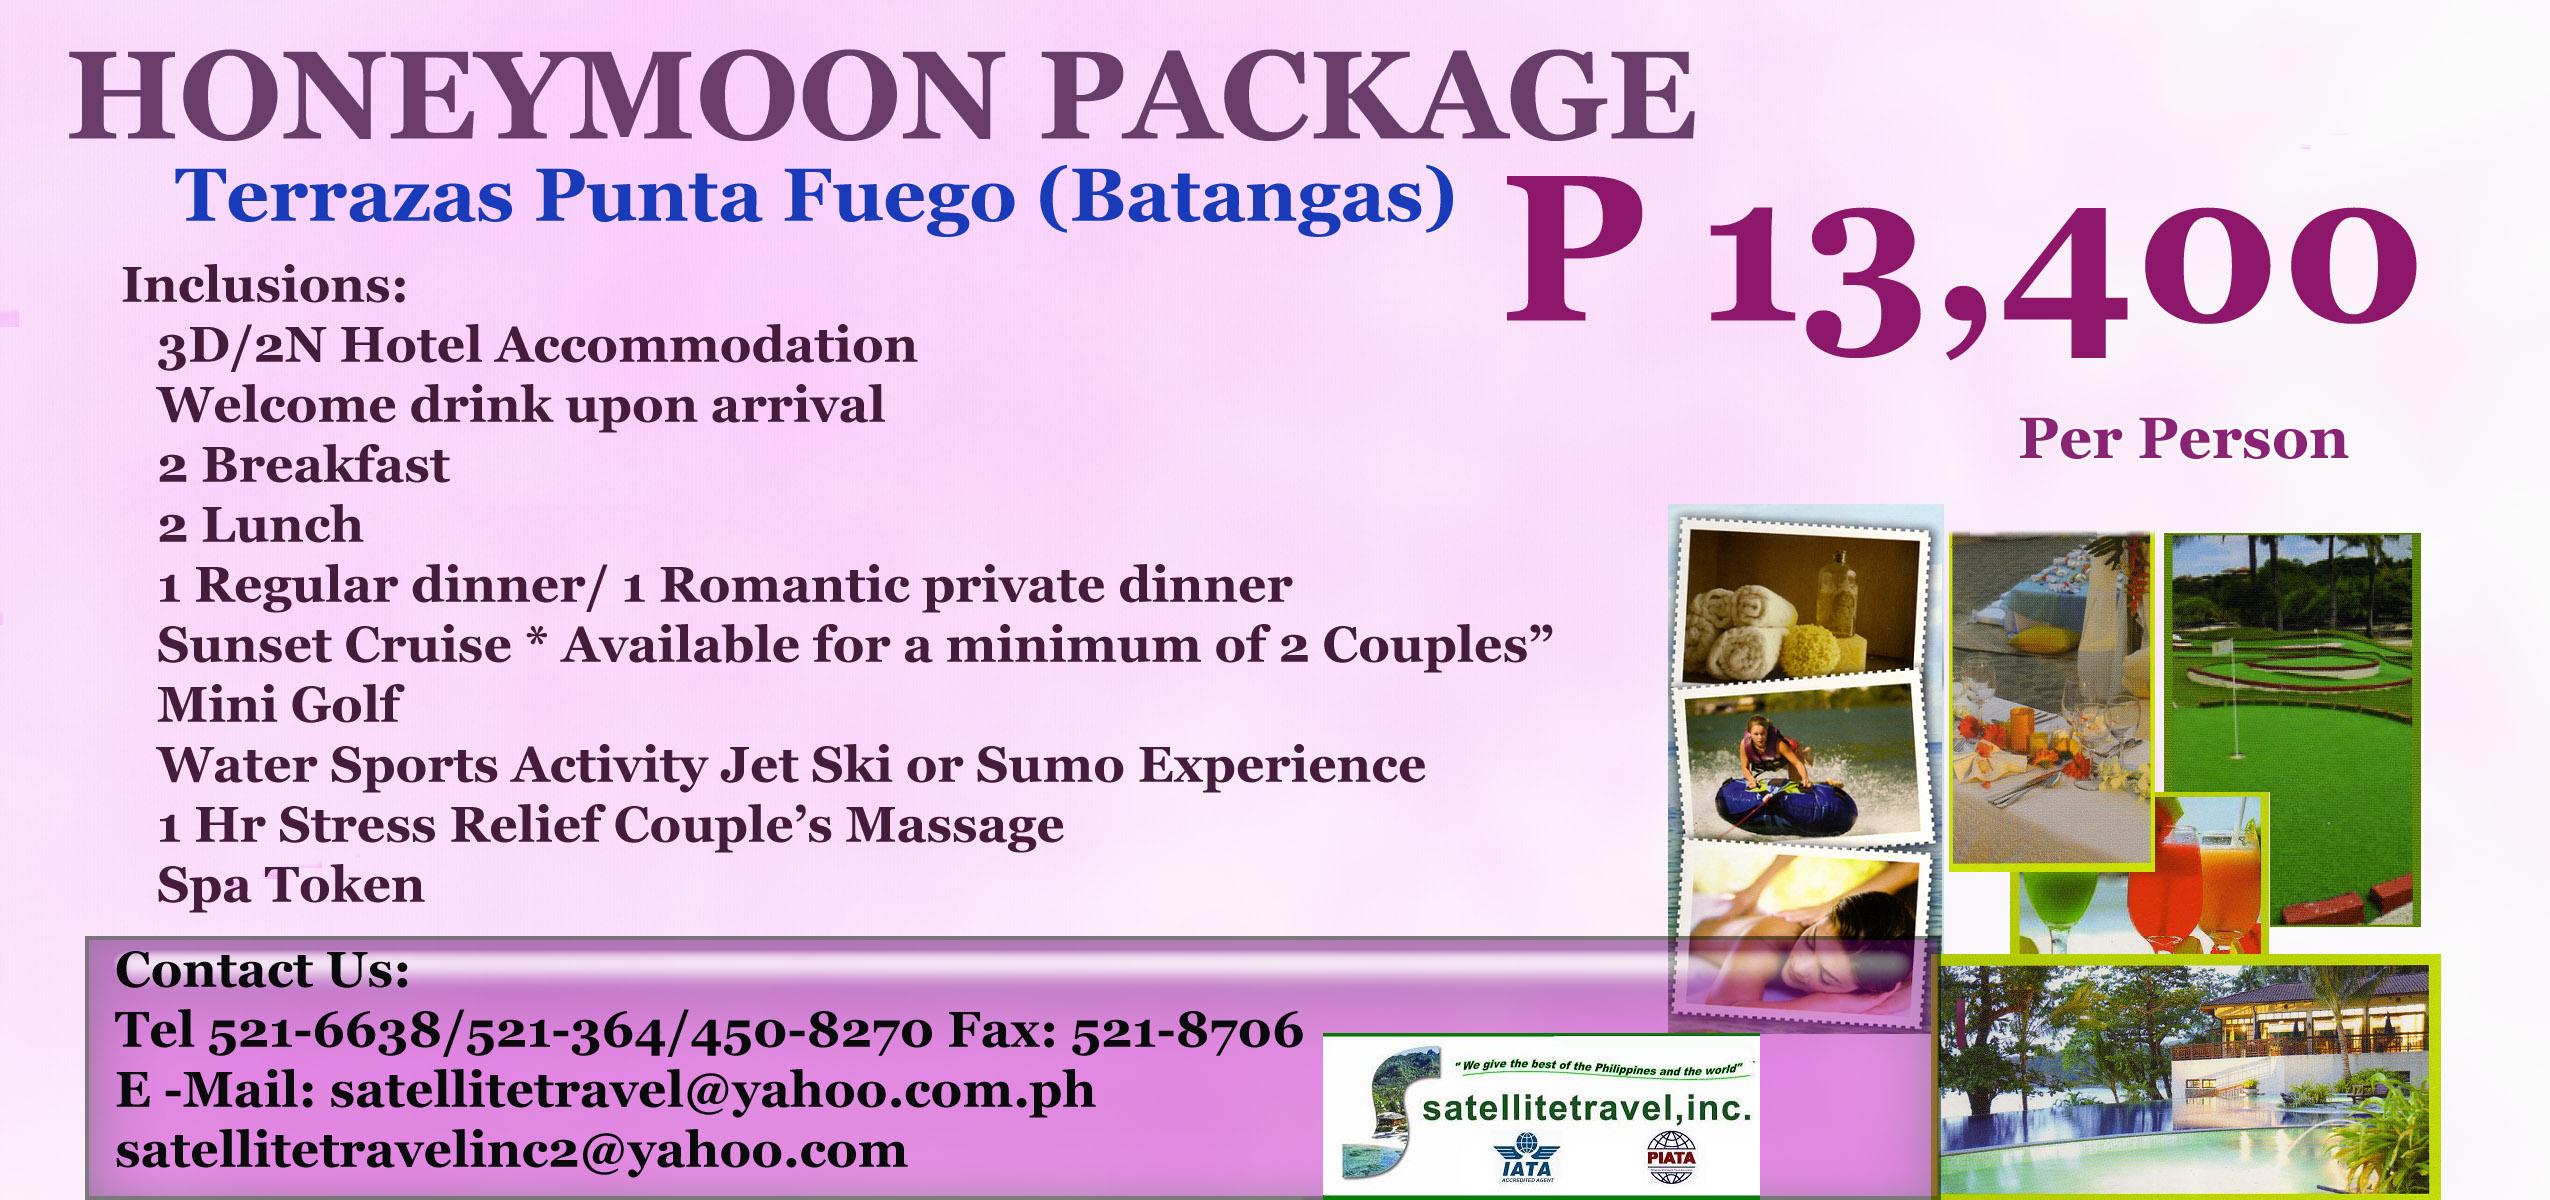 Honeymoon Package P 13 400 Per Person Terrazas Punta Fuego